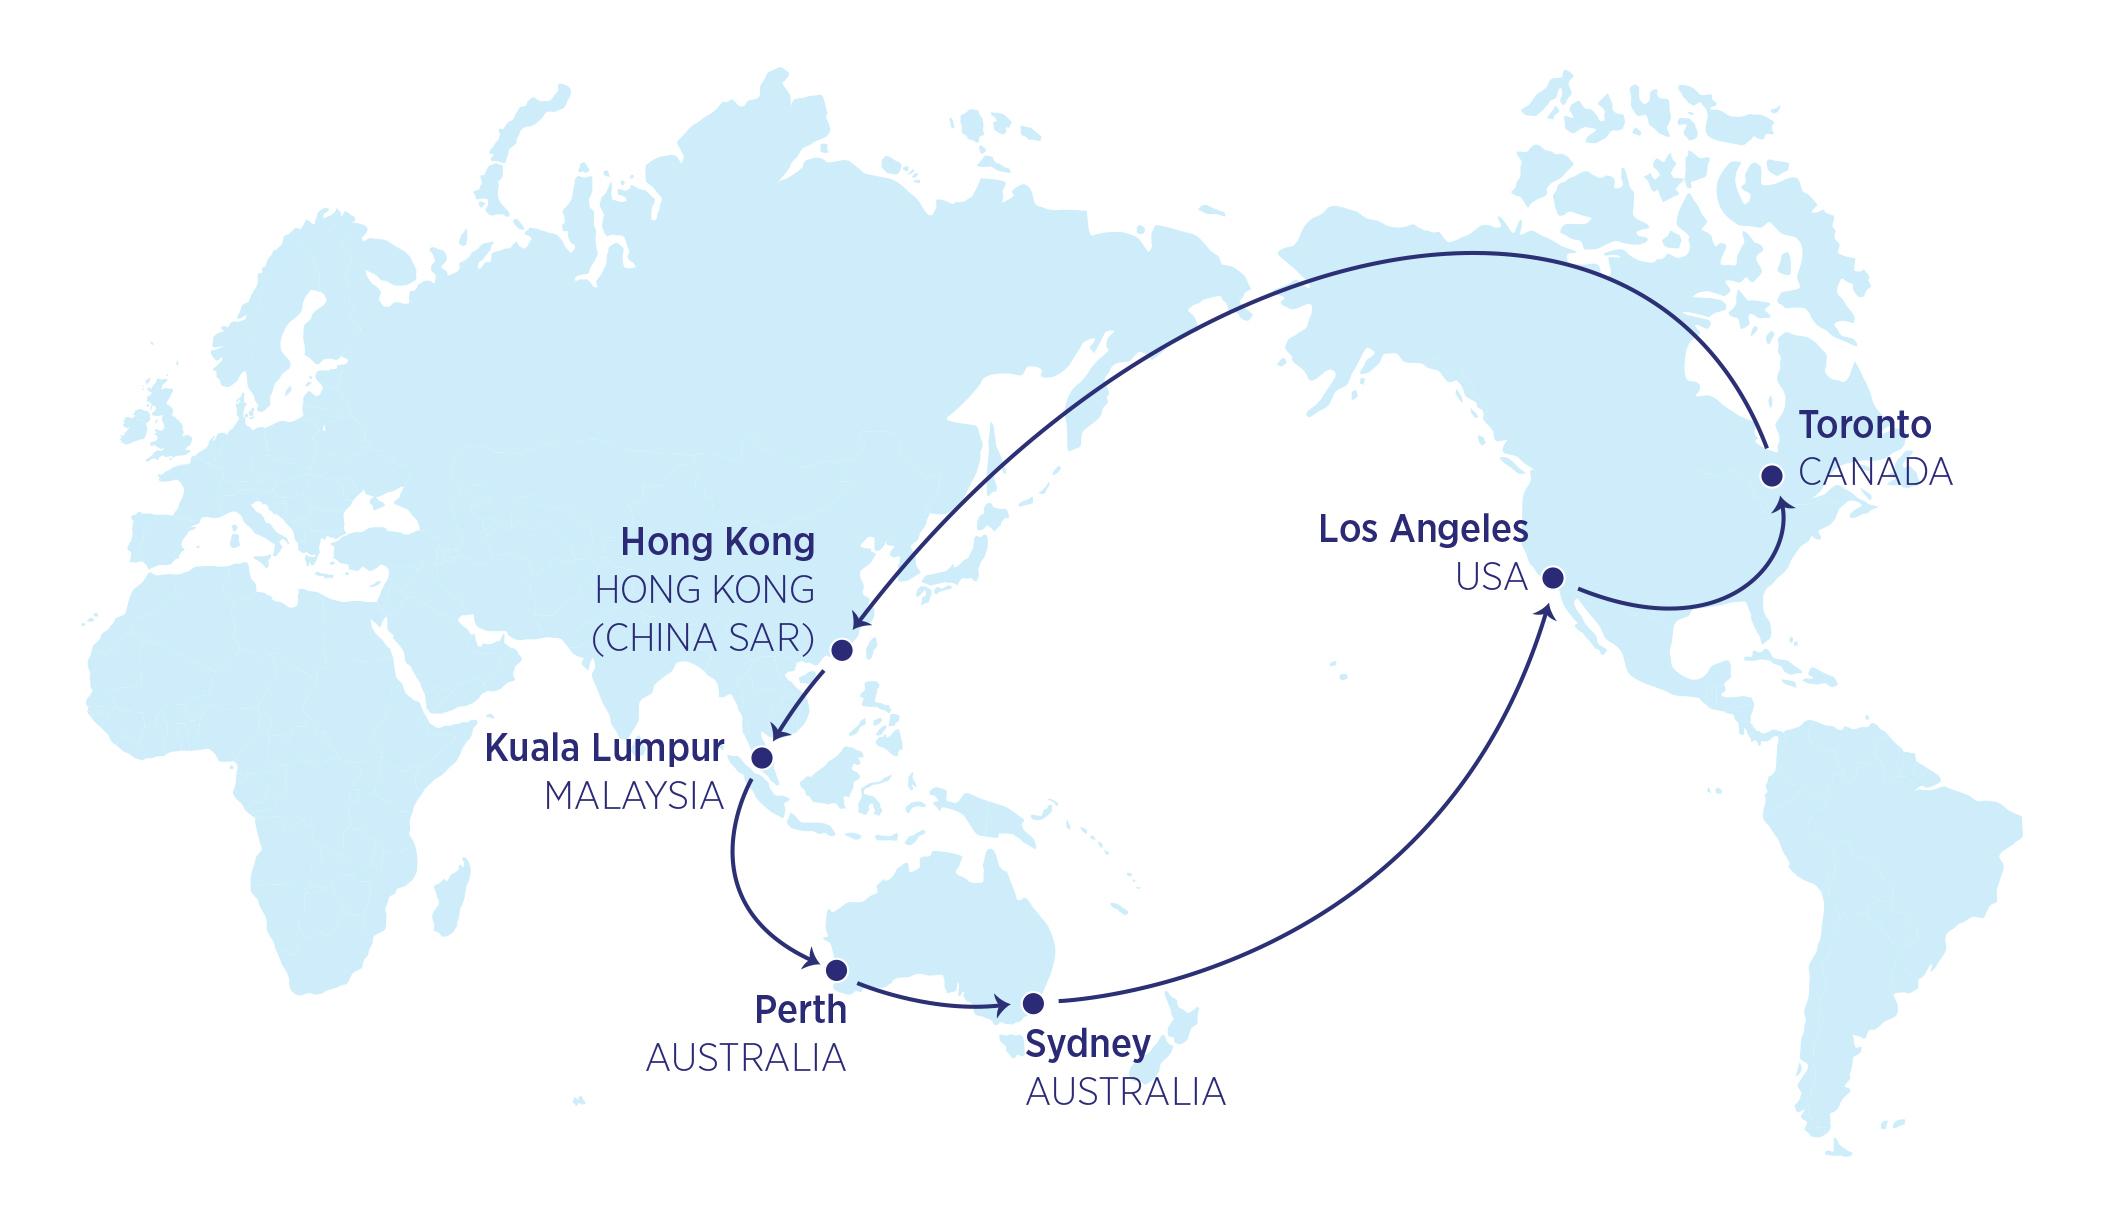 Mappa 26000 miglia